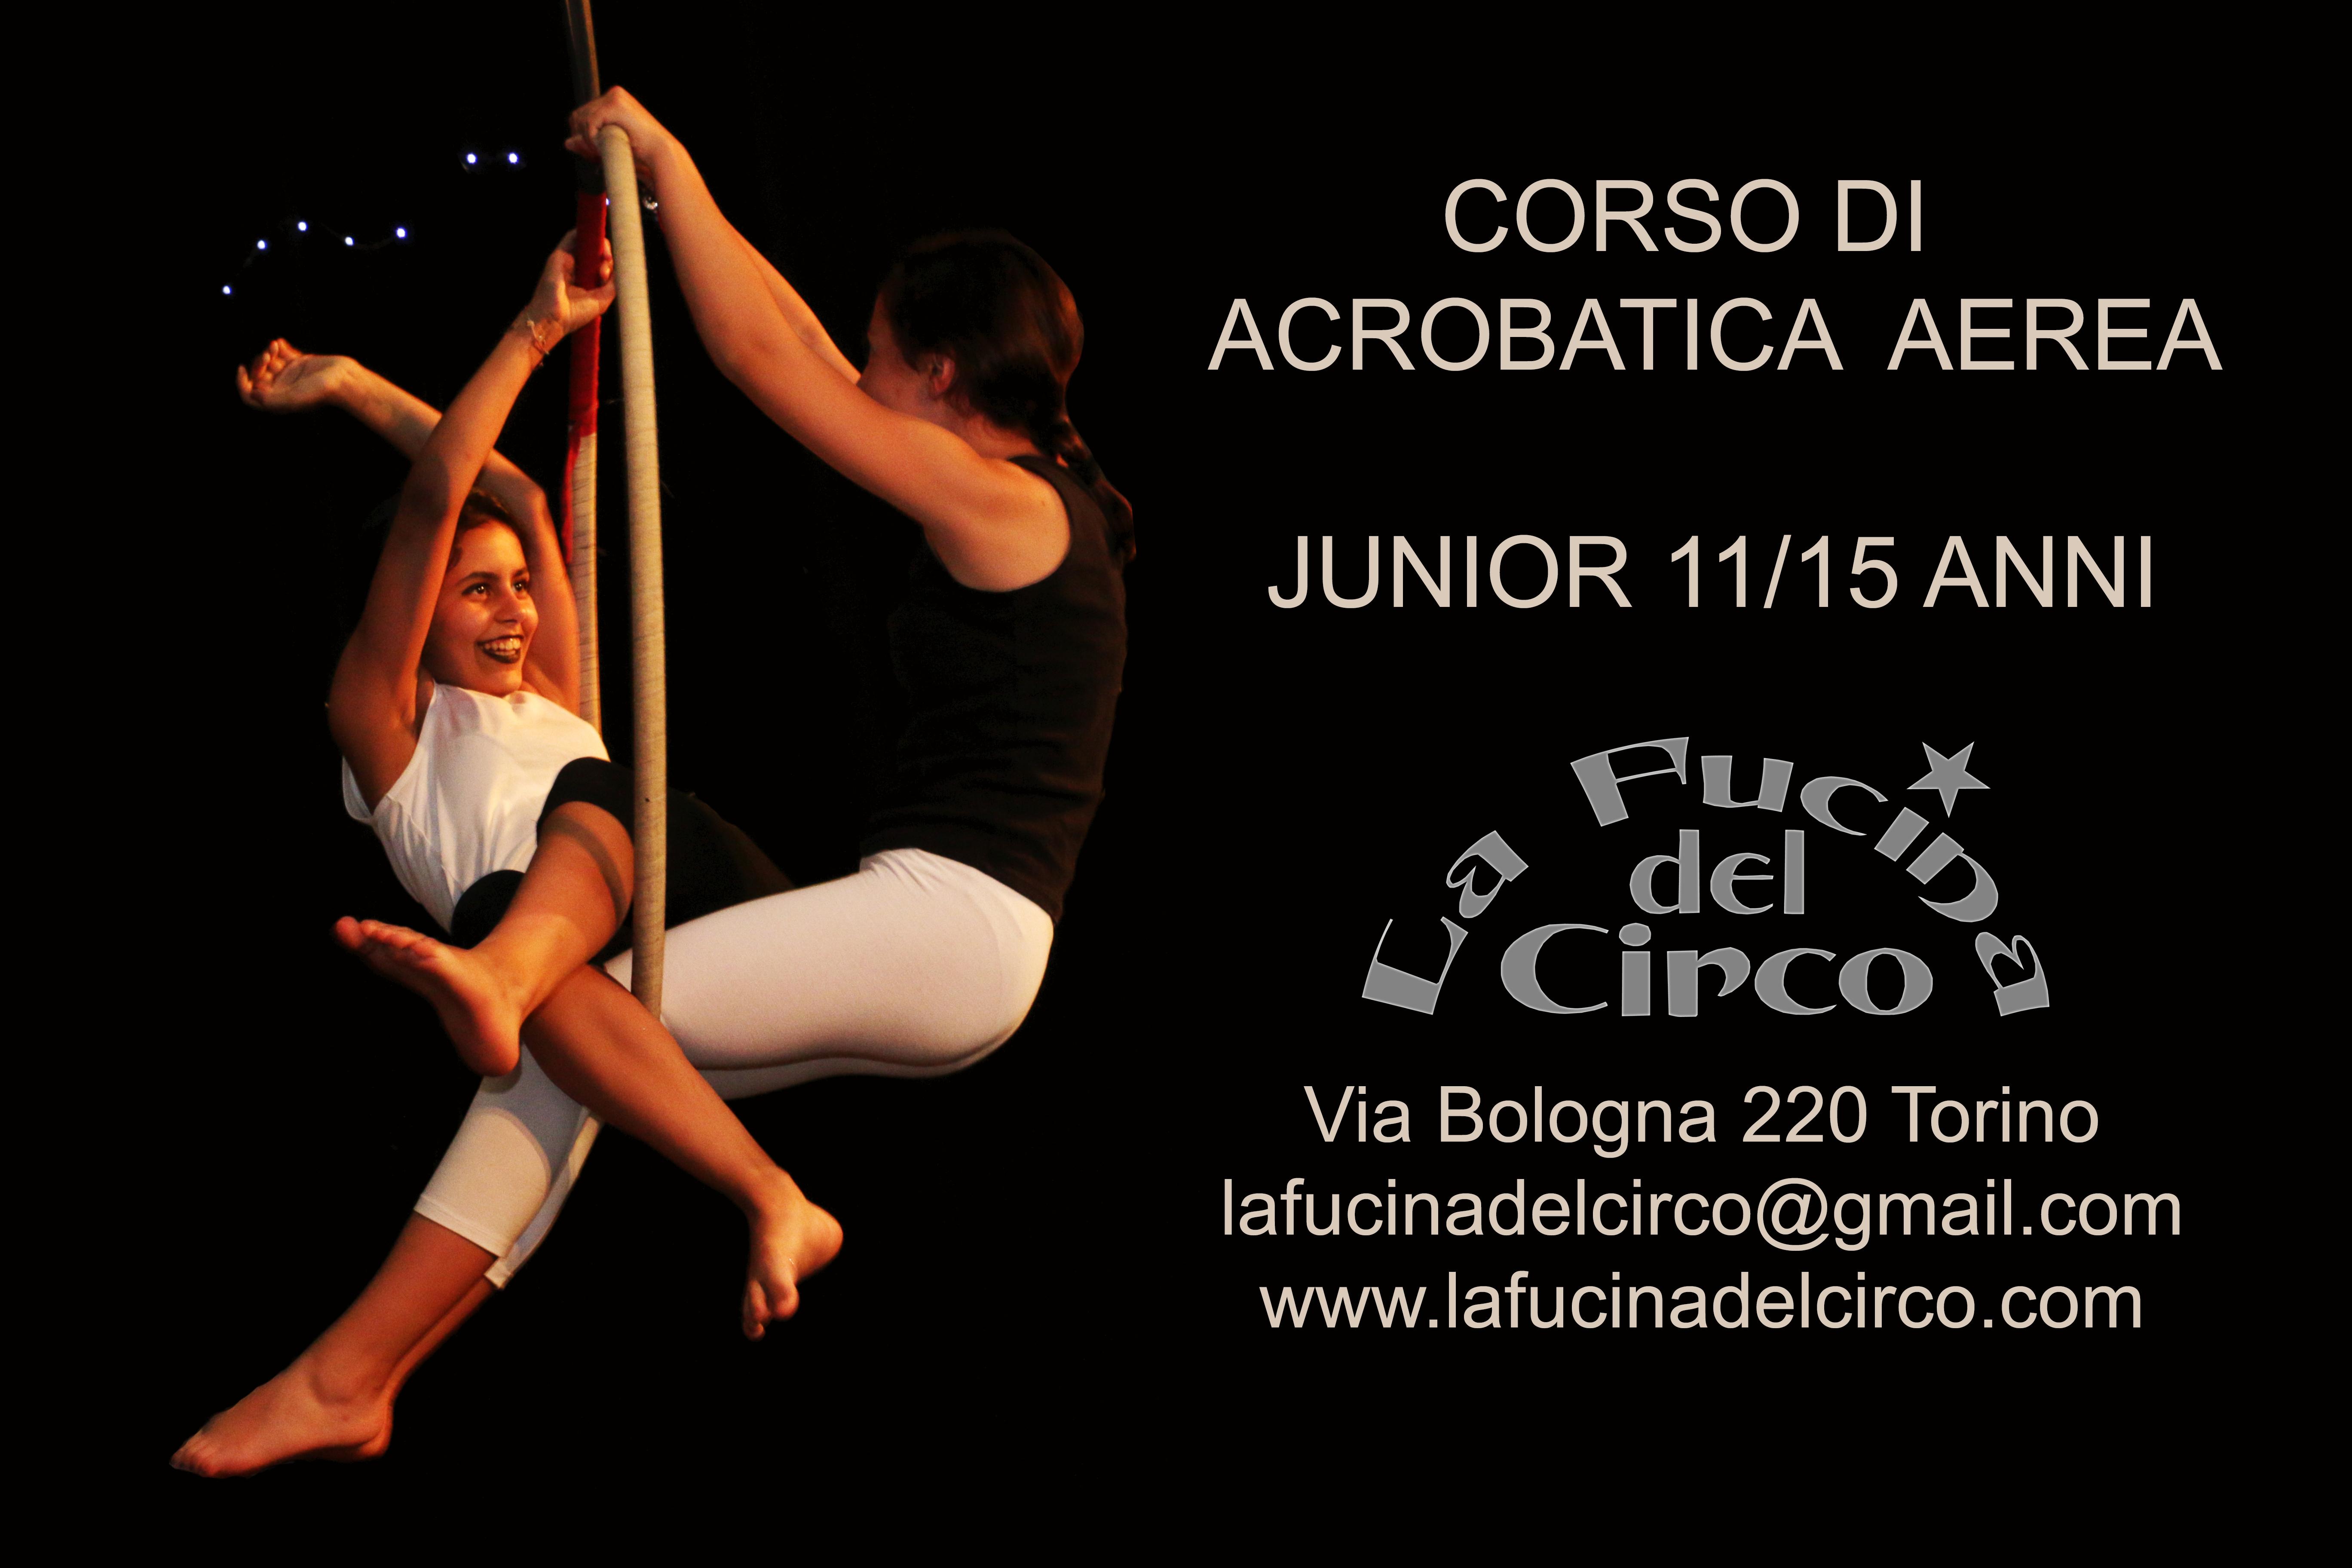 acrobatica aerea, junior, ragazzi, danza aerea, discipline aeree, la fucina del circo, torino, scuola di circo, corsi arti circensi, tessuto, trapezio, ginnastica.jpg